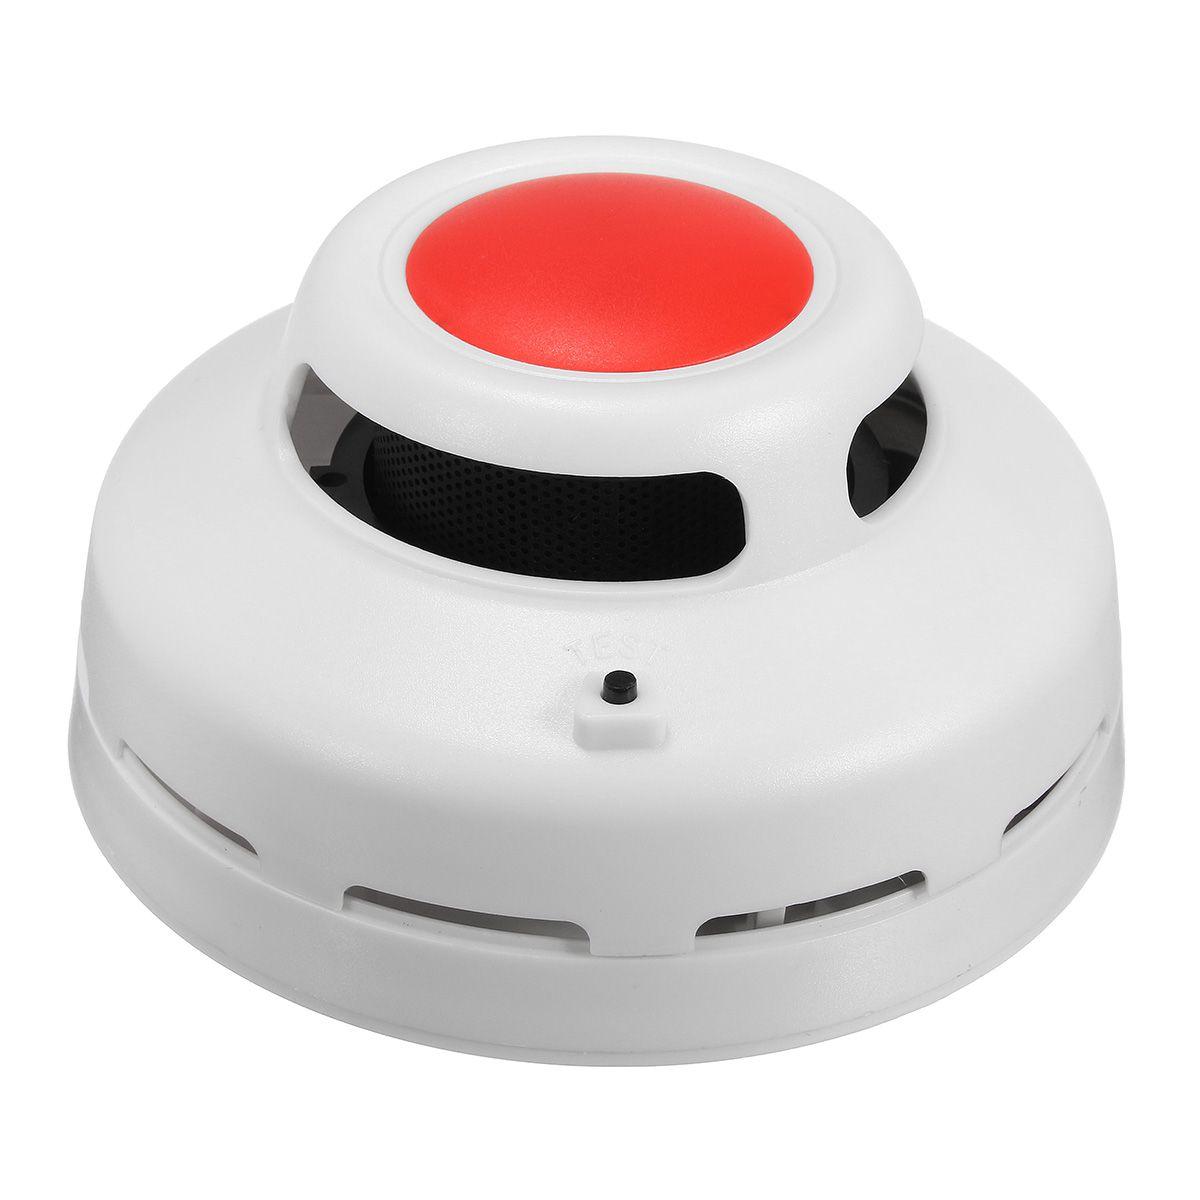 2 in1 Комбинации угарного газа и дыма CO и Дымовой извещатель дома безопасности предупредительный сигнал